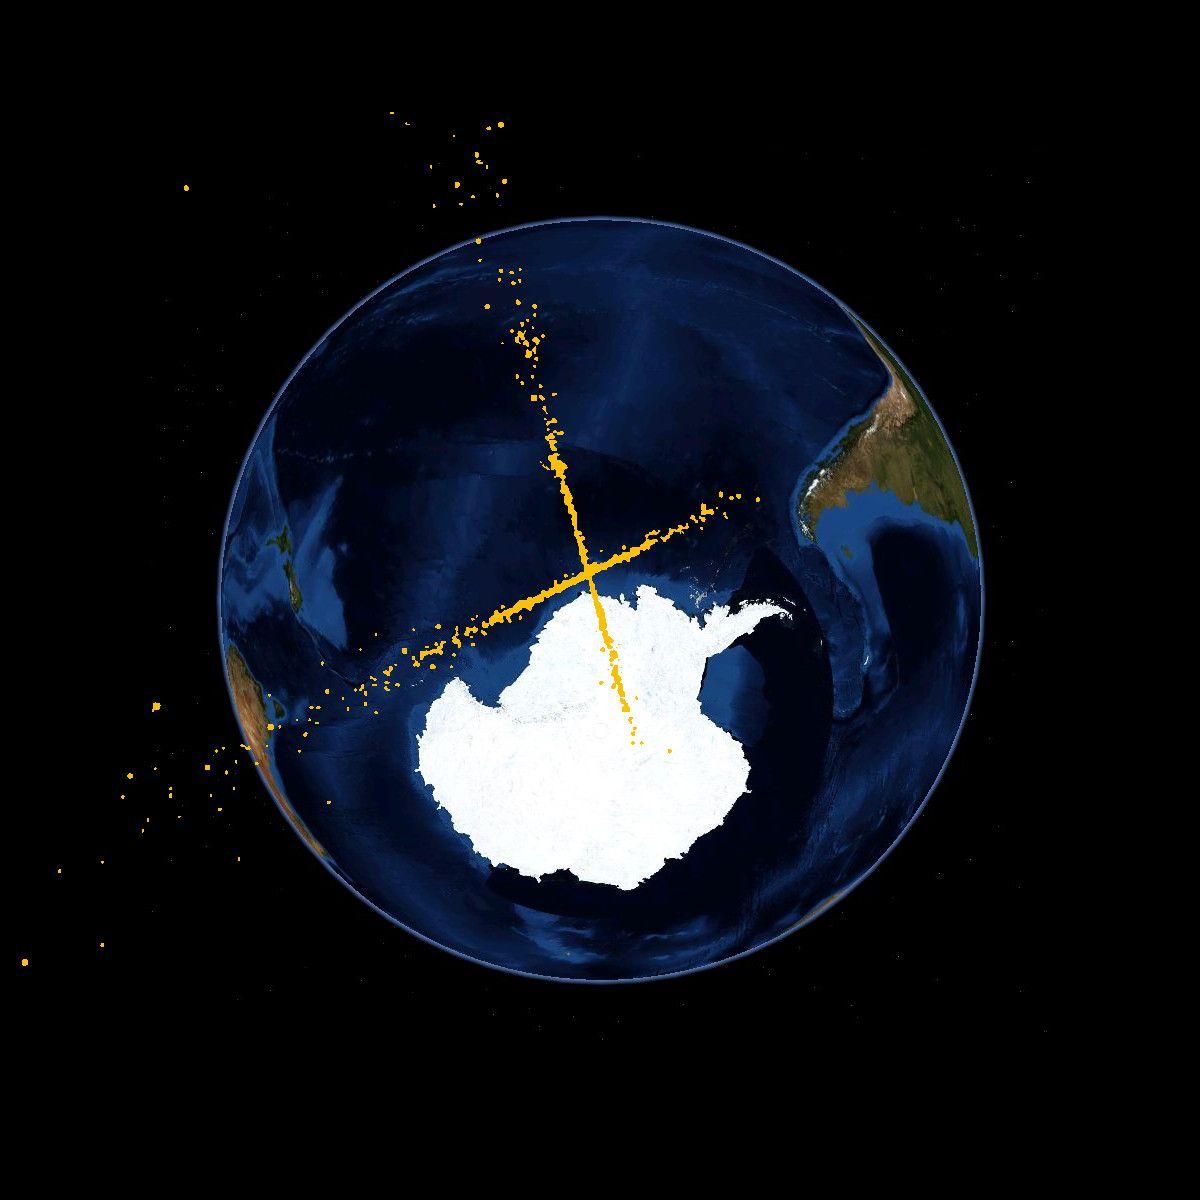 orbital debris 4